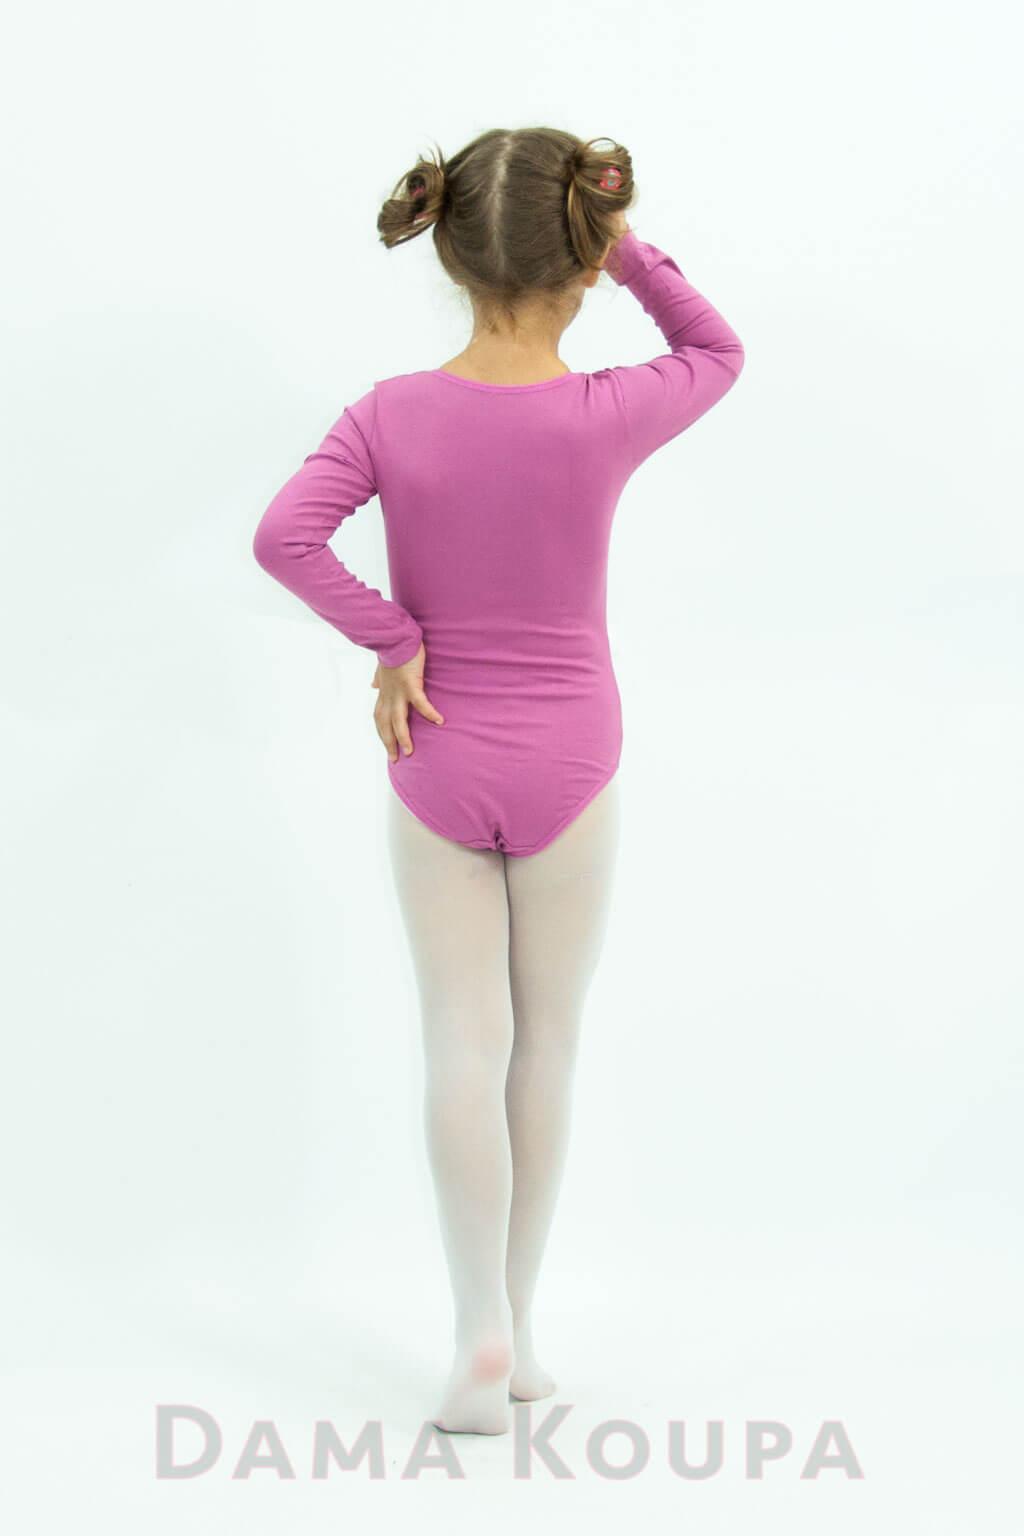 Παιδικό κορμάκι χορού σε ροζ χρώμα Παιδικό κορμάκι μπαλέτου με μακρύ μανίκι 33ad0ab7dcd